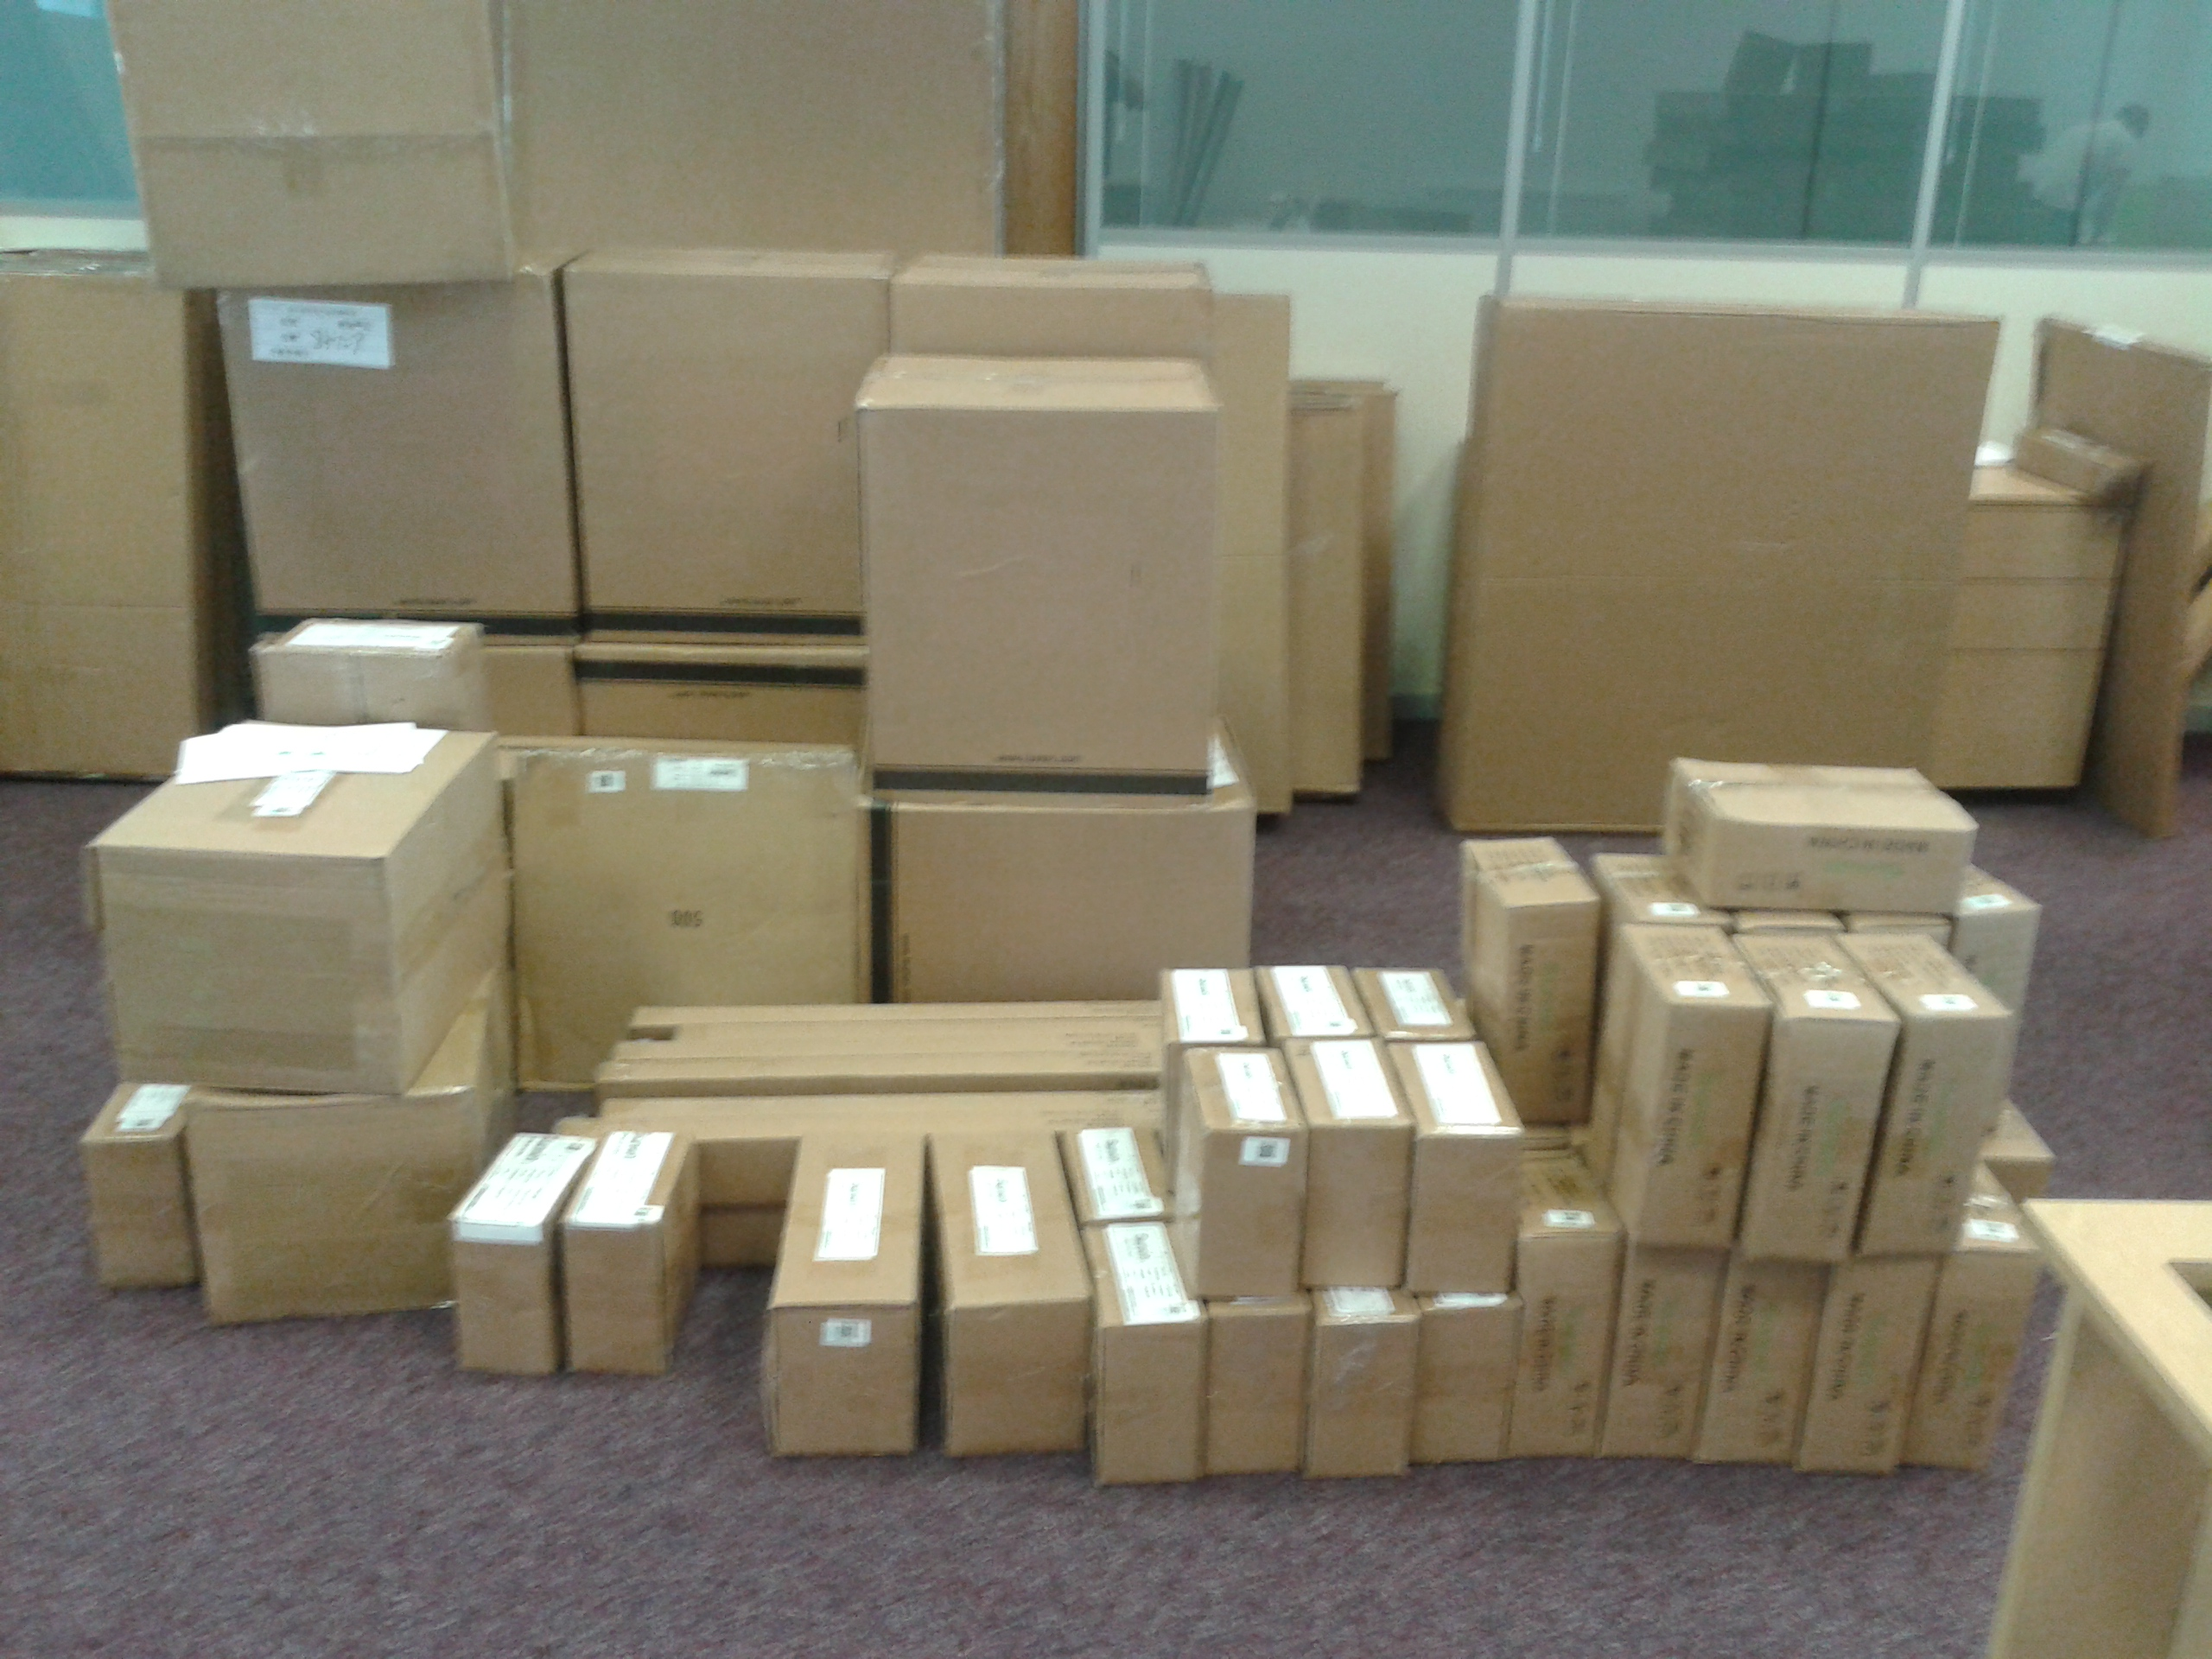 Flat pack office builders